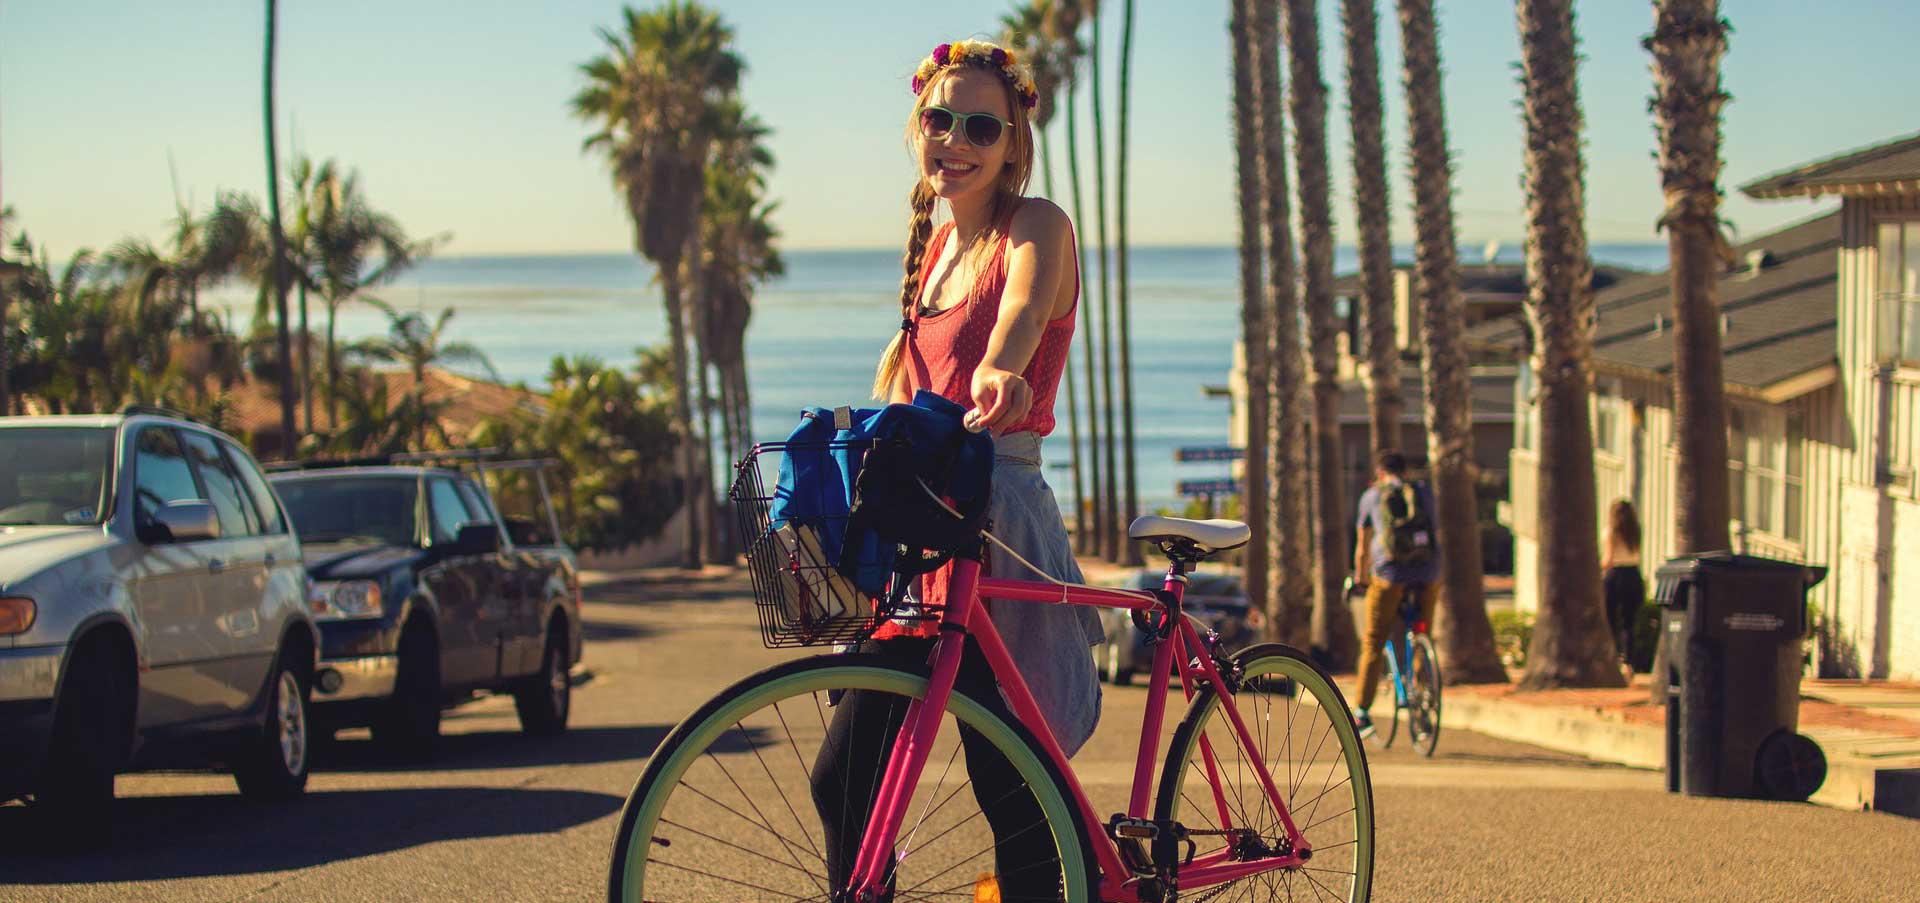 Les bonnes raisons de ressortir son vélo ou sa bicyclette dès aujourd'hui